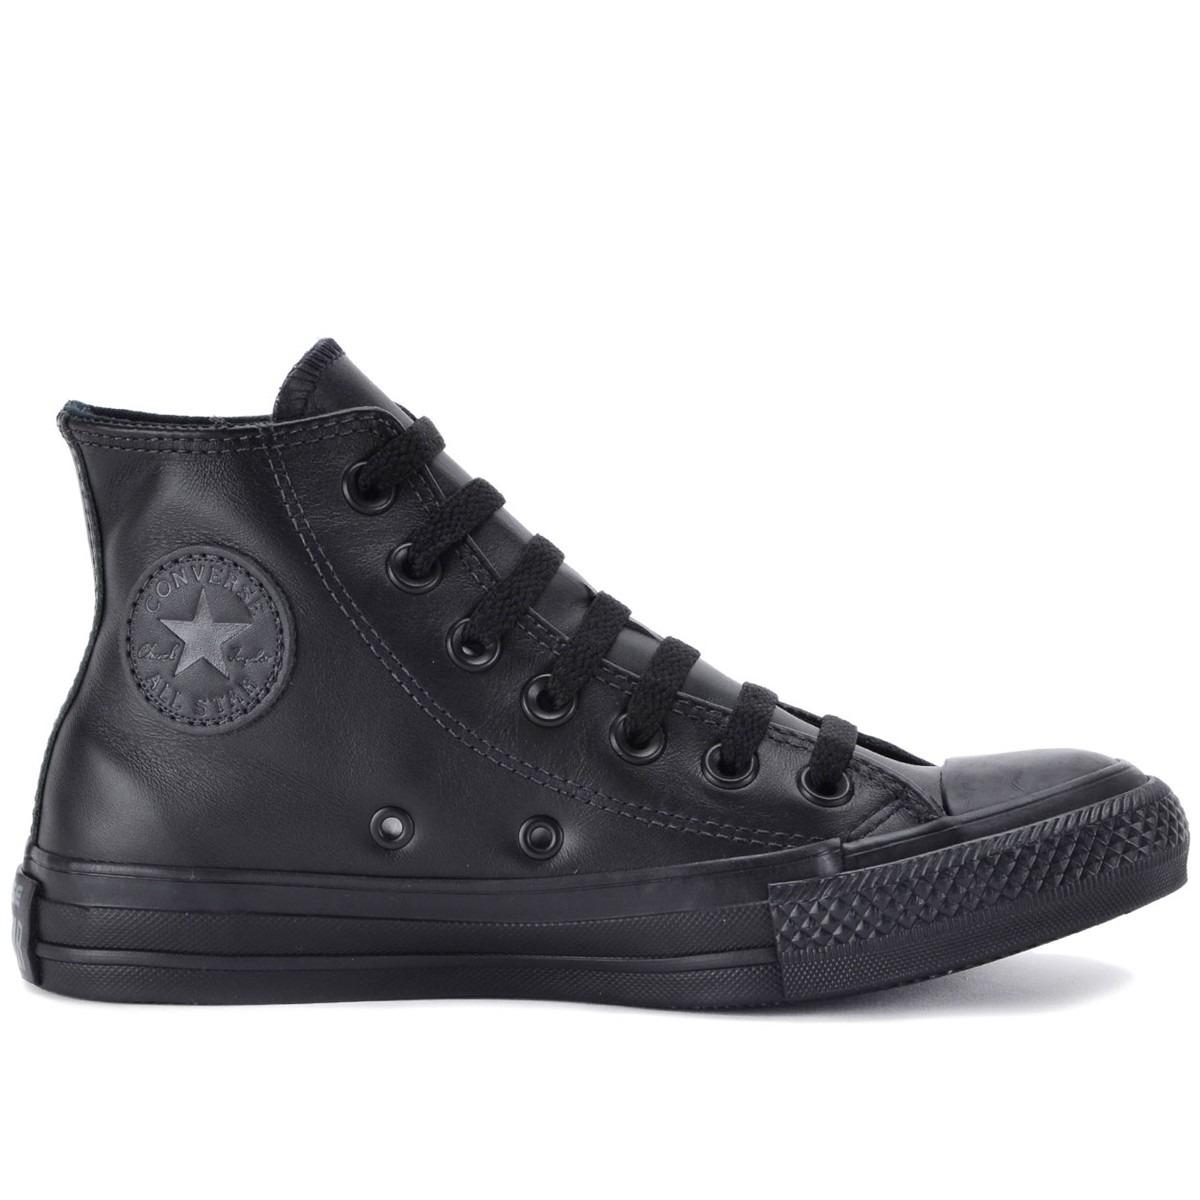 d5995485b8 tenis converse all star monochrome leather hi preto couro. Carregando zoom.